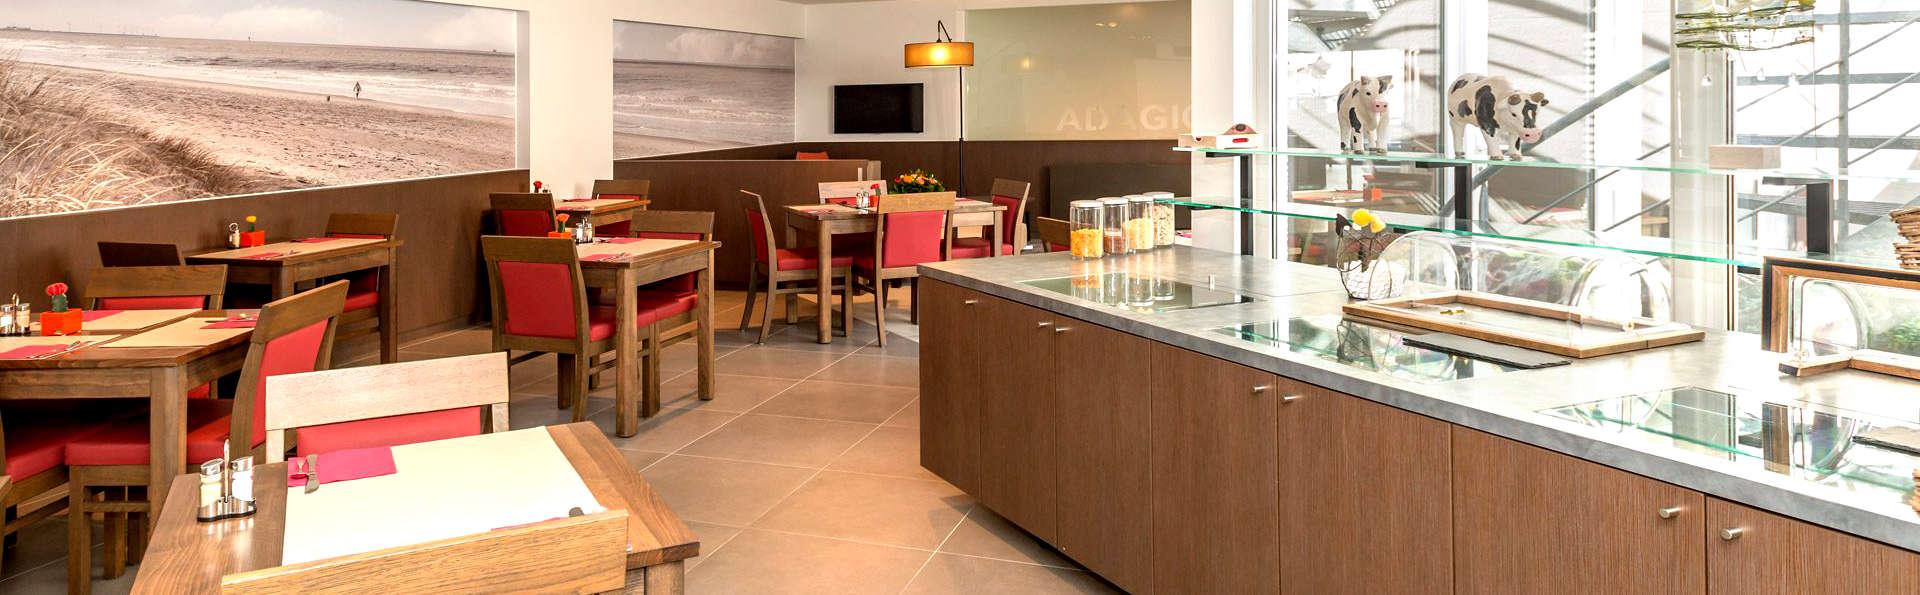 Adagio Hotel - Edit_Restaurant2.jpg